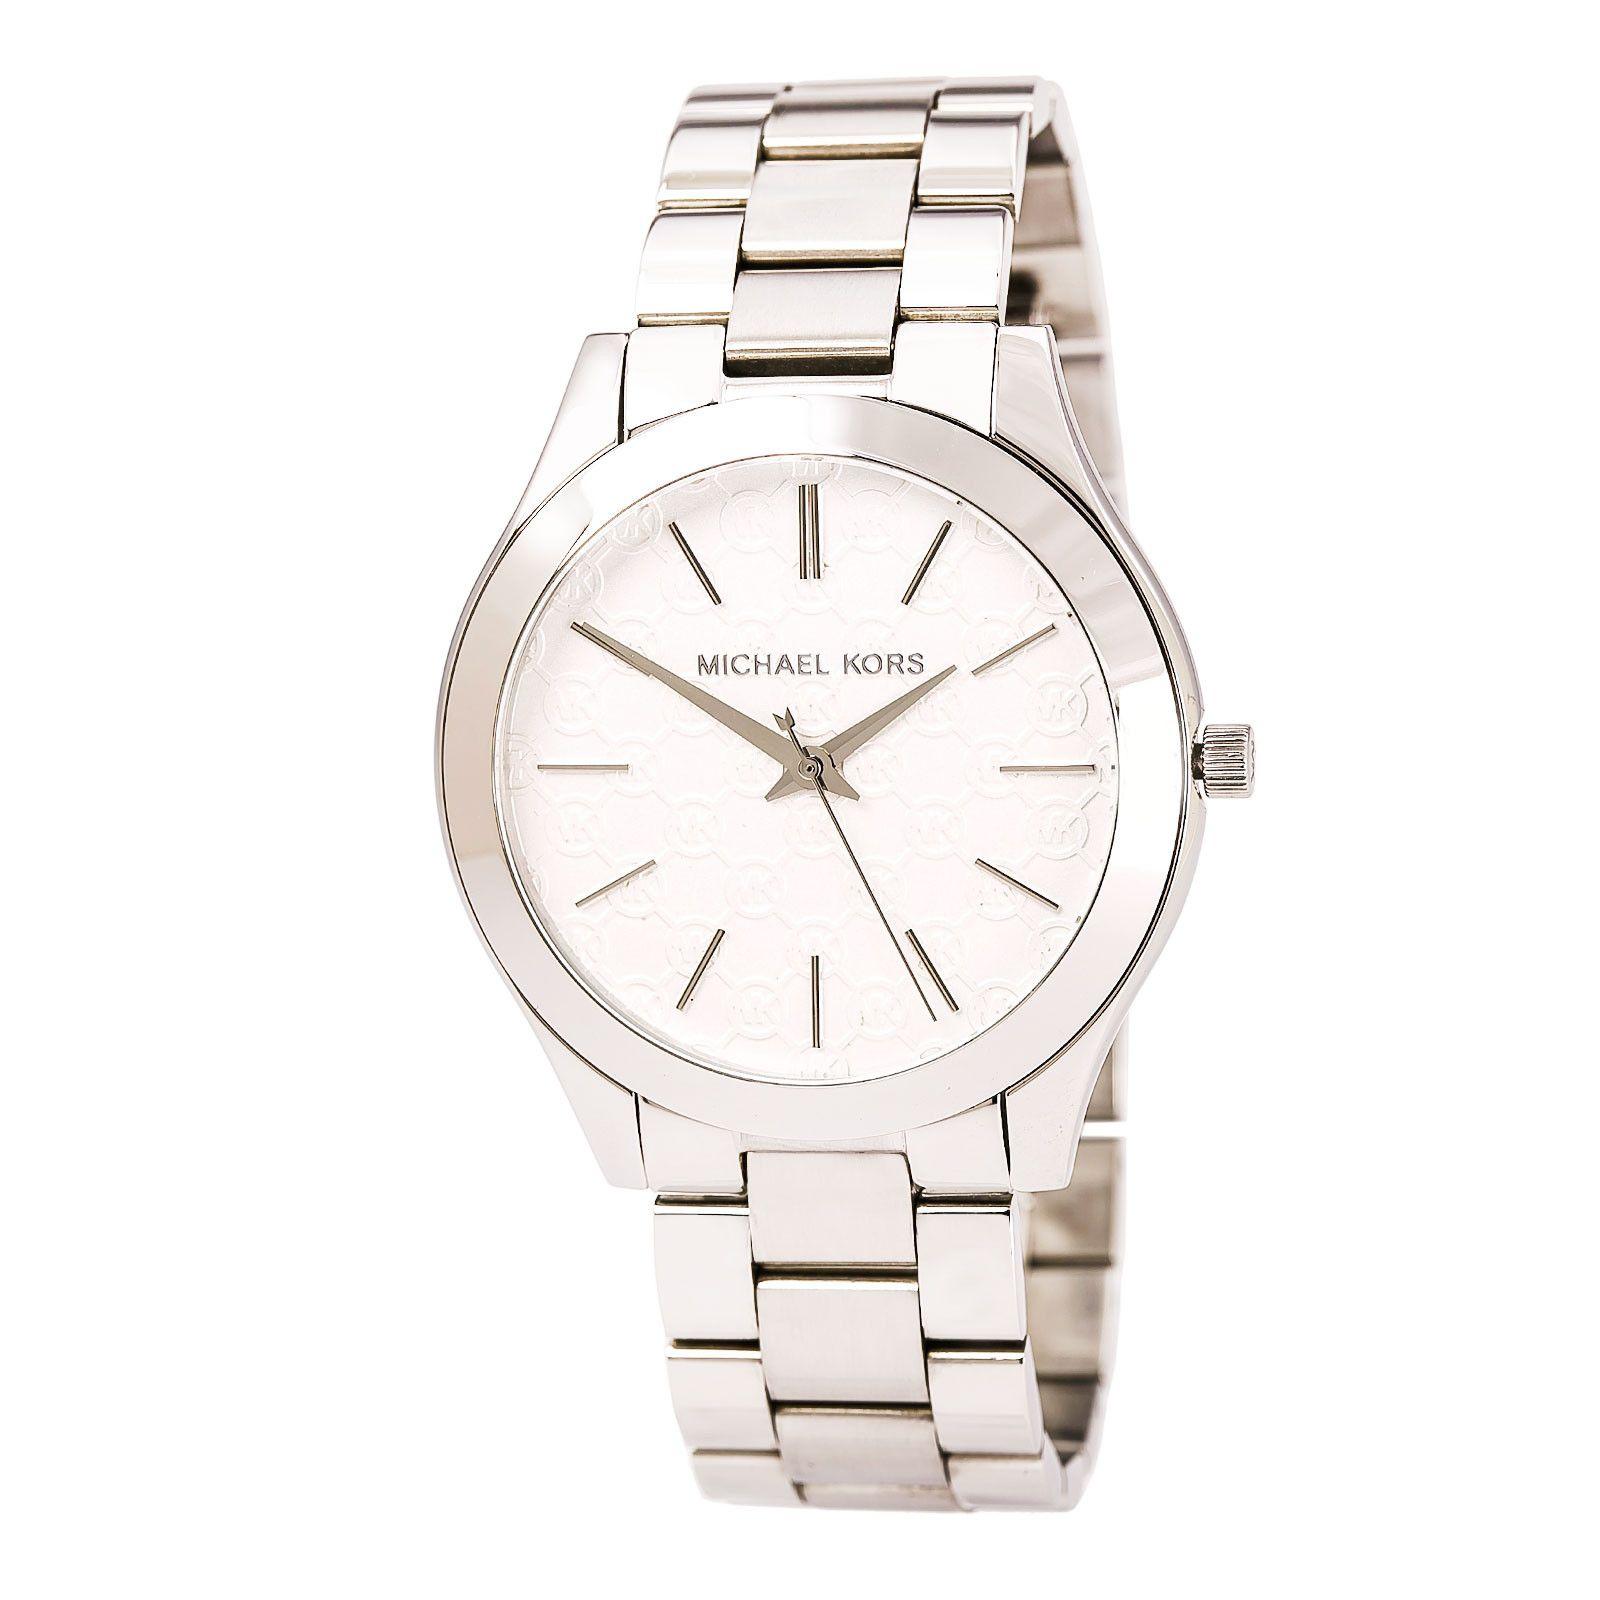 f782aa4e59c4 Michael Kors MK3371 Women s Slim Runway Silver Tone Dial Stainless Steel  Bracelet Watch